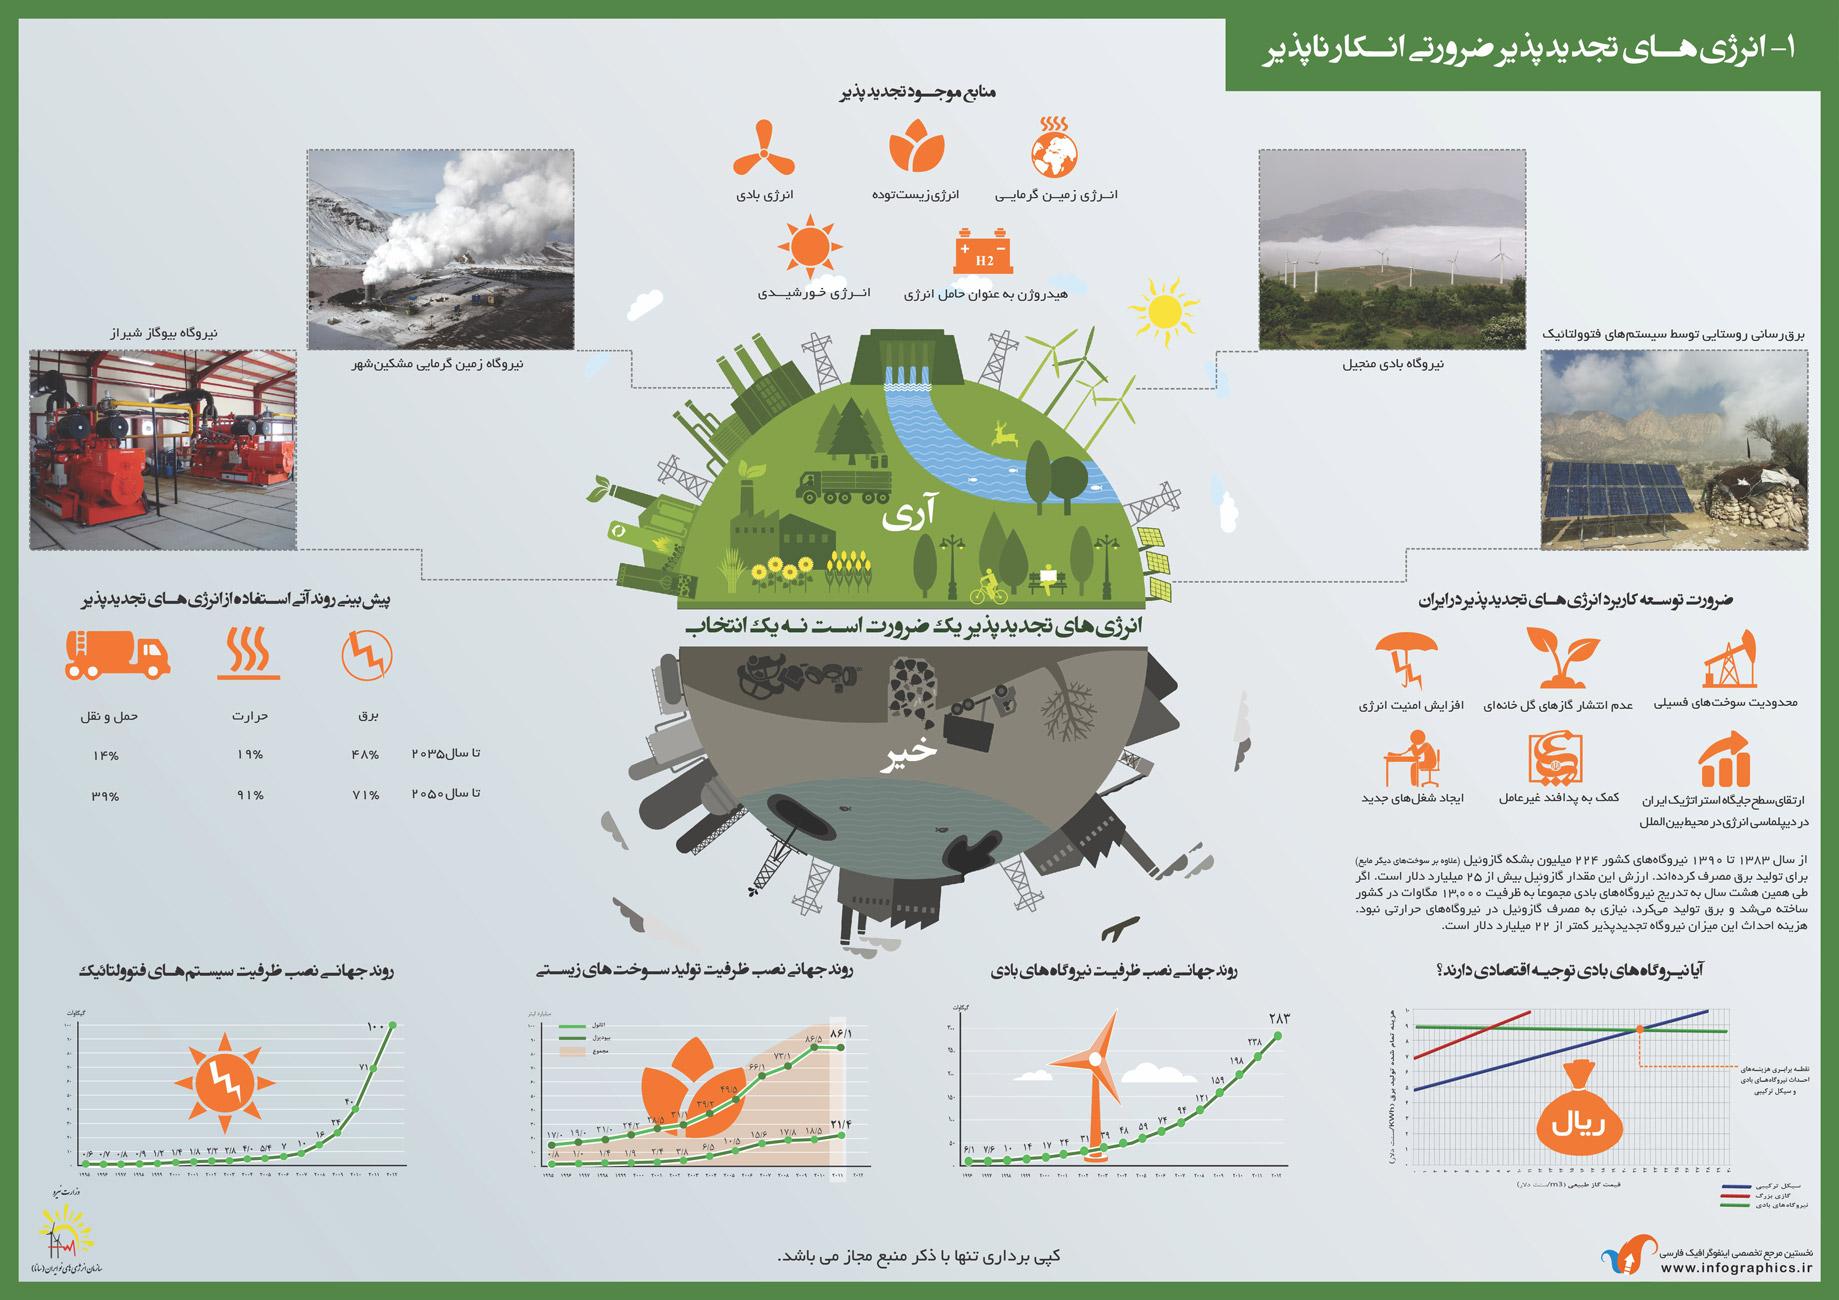 انرژی تجدید ناپذیر ومنابع آن